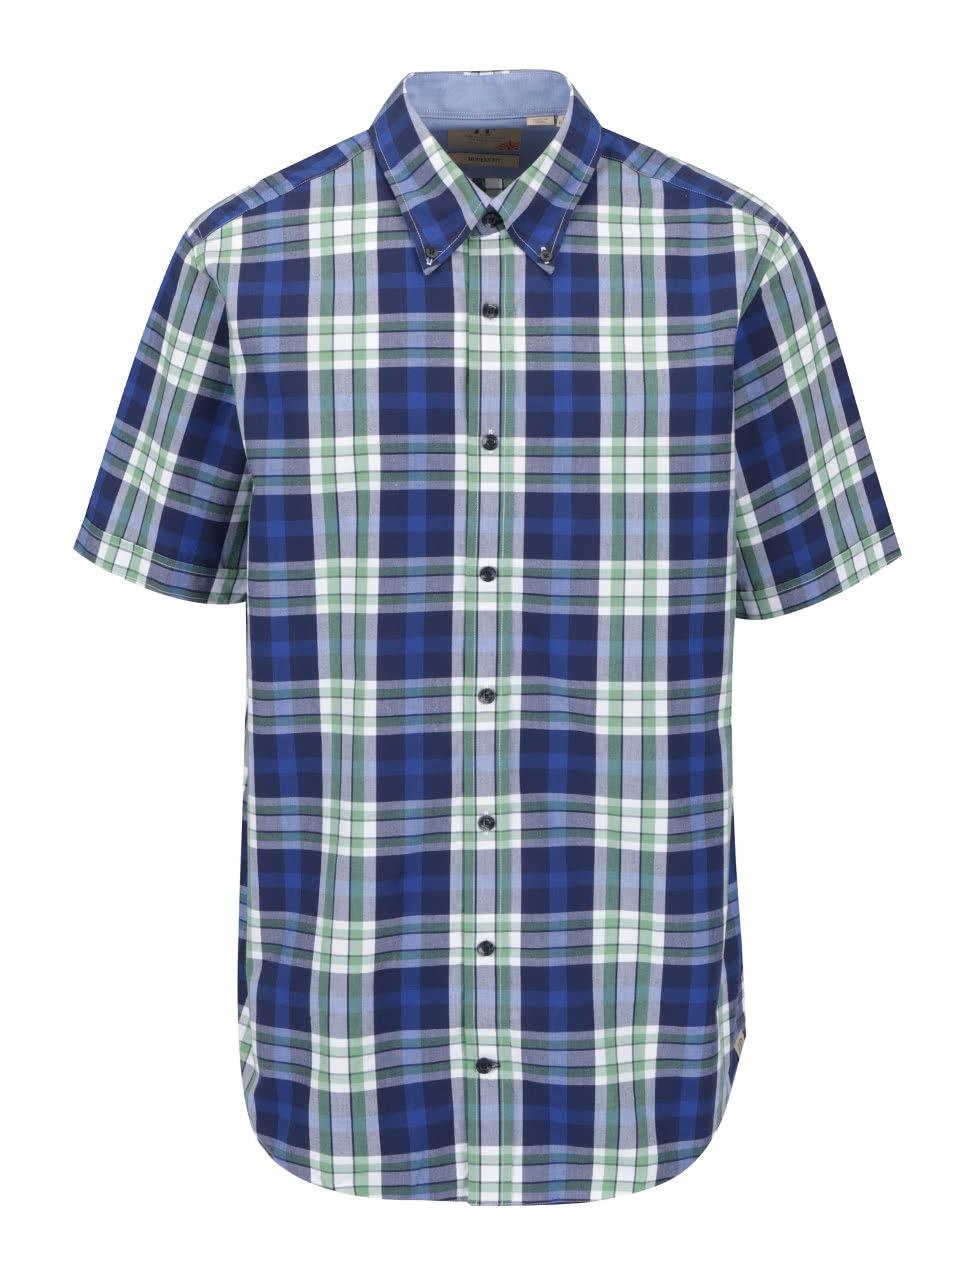 Zeleno-modrá kostkovaná košile s krátkým rukávem JP 1880